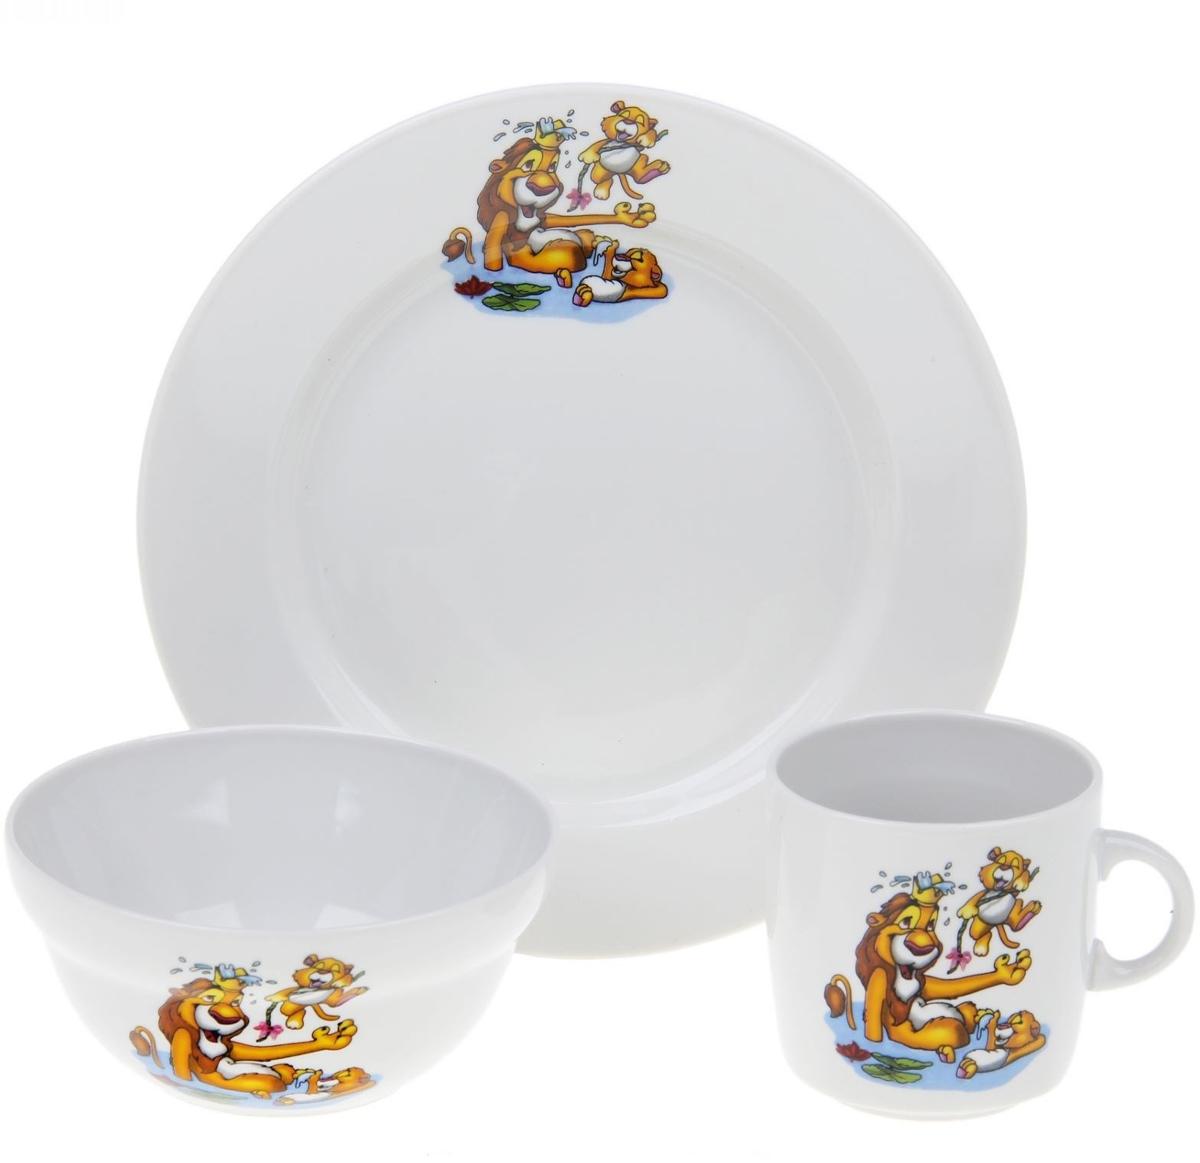 Набор детской посуды Фарфор Вербилок Лев. 3986128К набор детской посуды фарфор вербилок тигрята 3 предмета 1302153